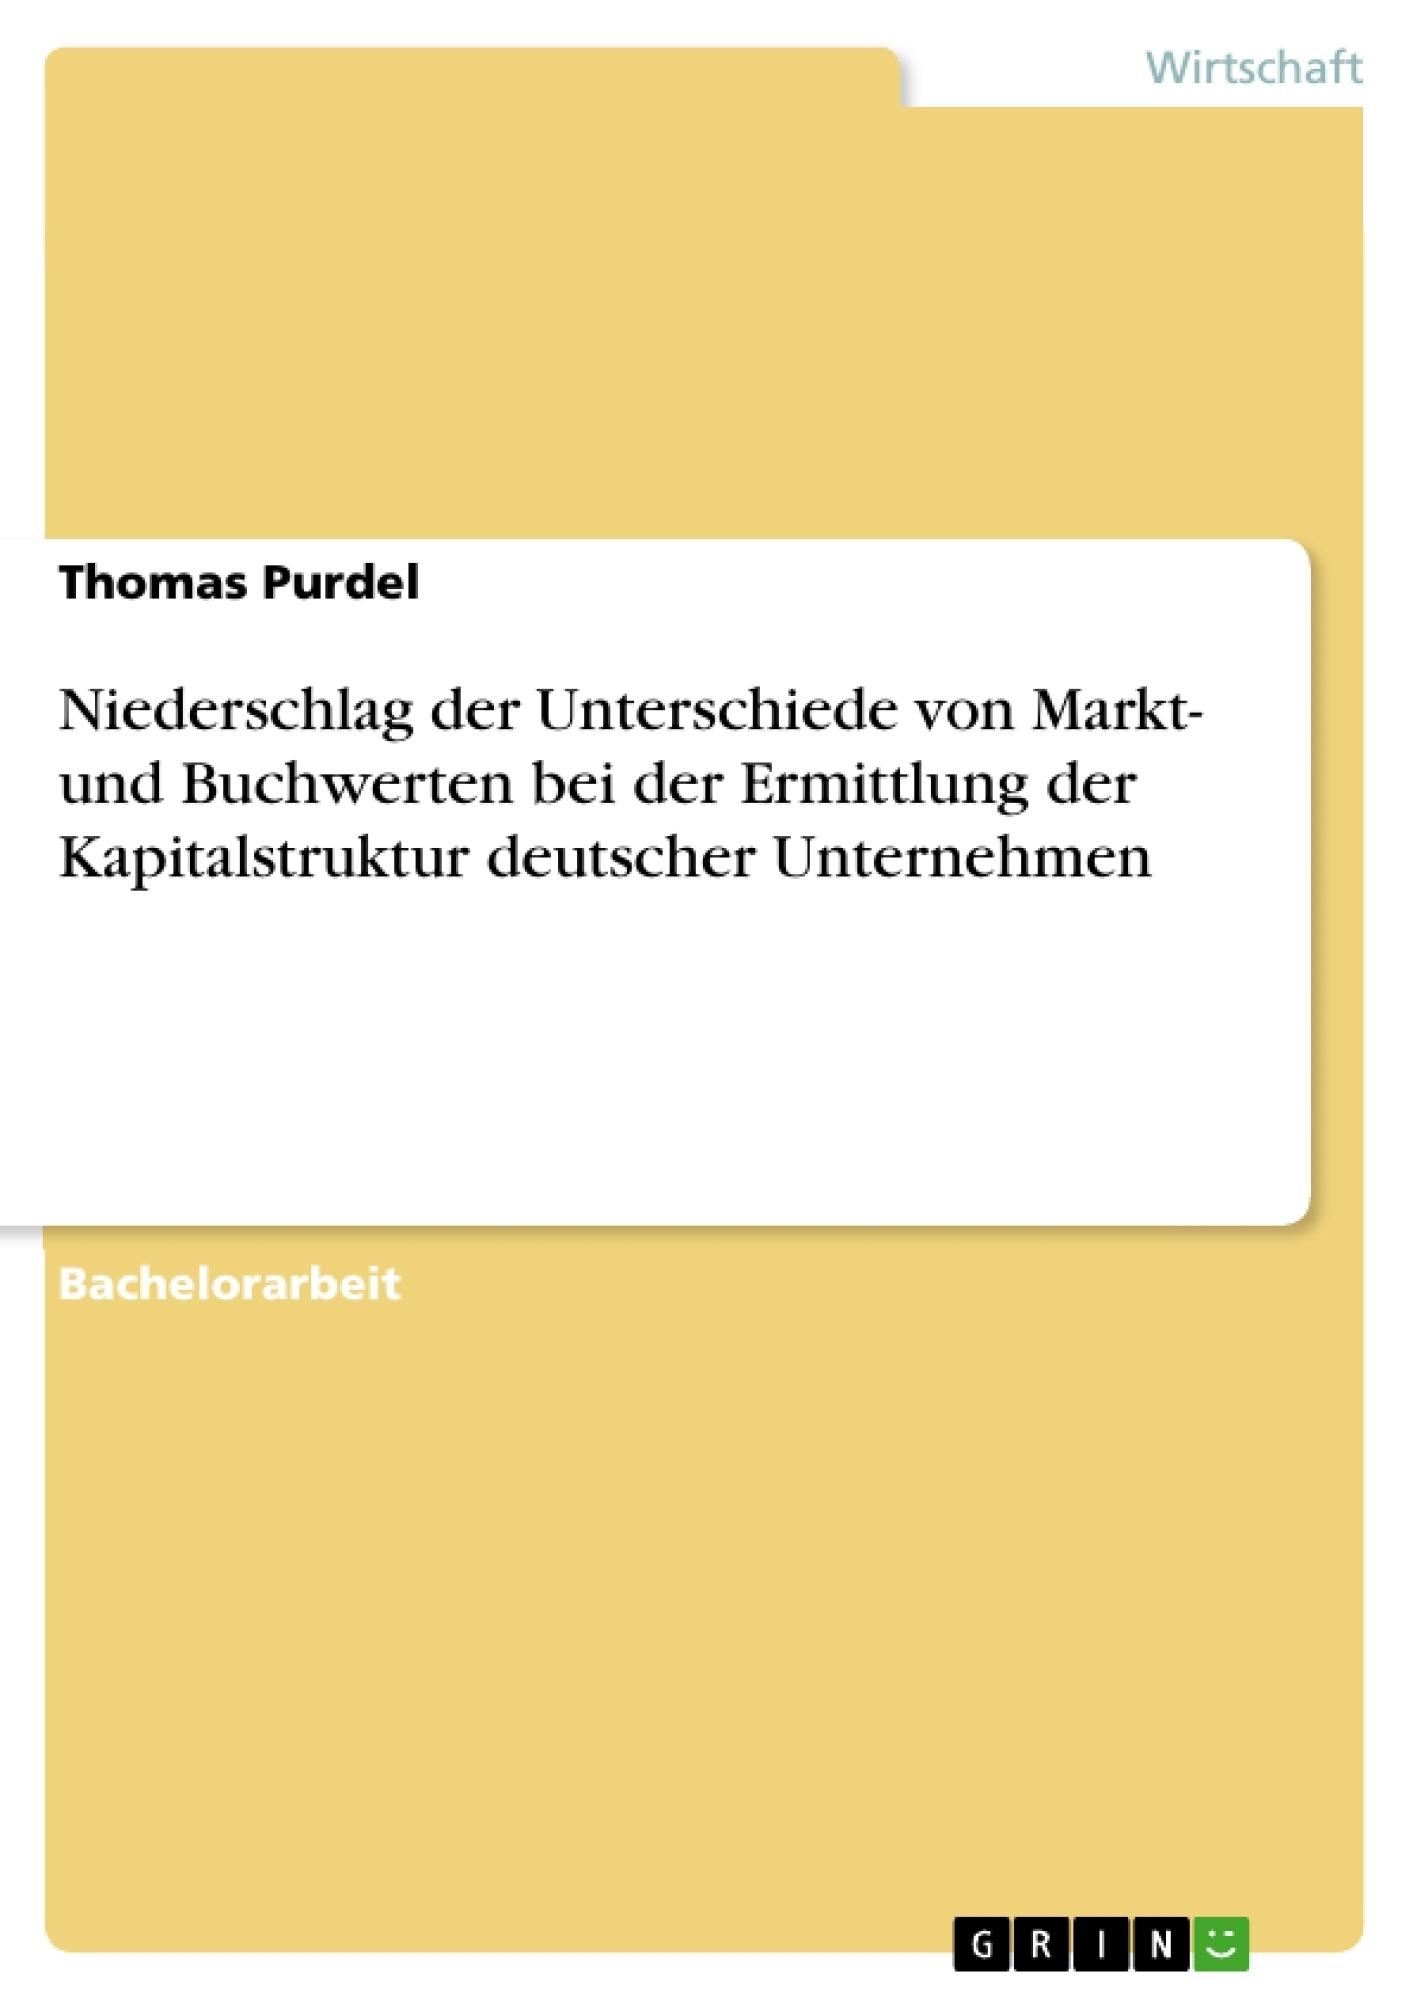 Titel: Niederschlag der Unterschiede von Markt- und Buchwerten bei der Ermittlung der Kapitalstruktur deutscher Unternehmen